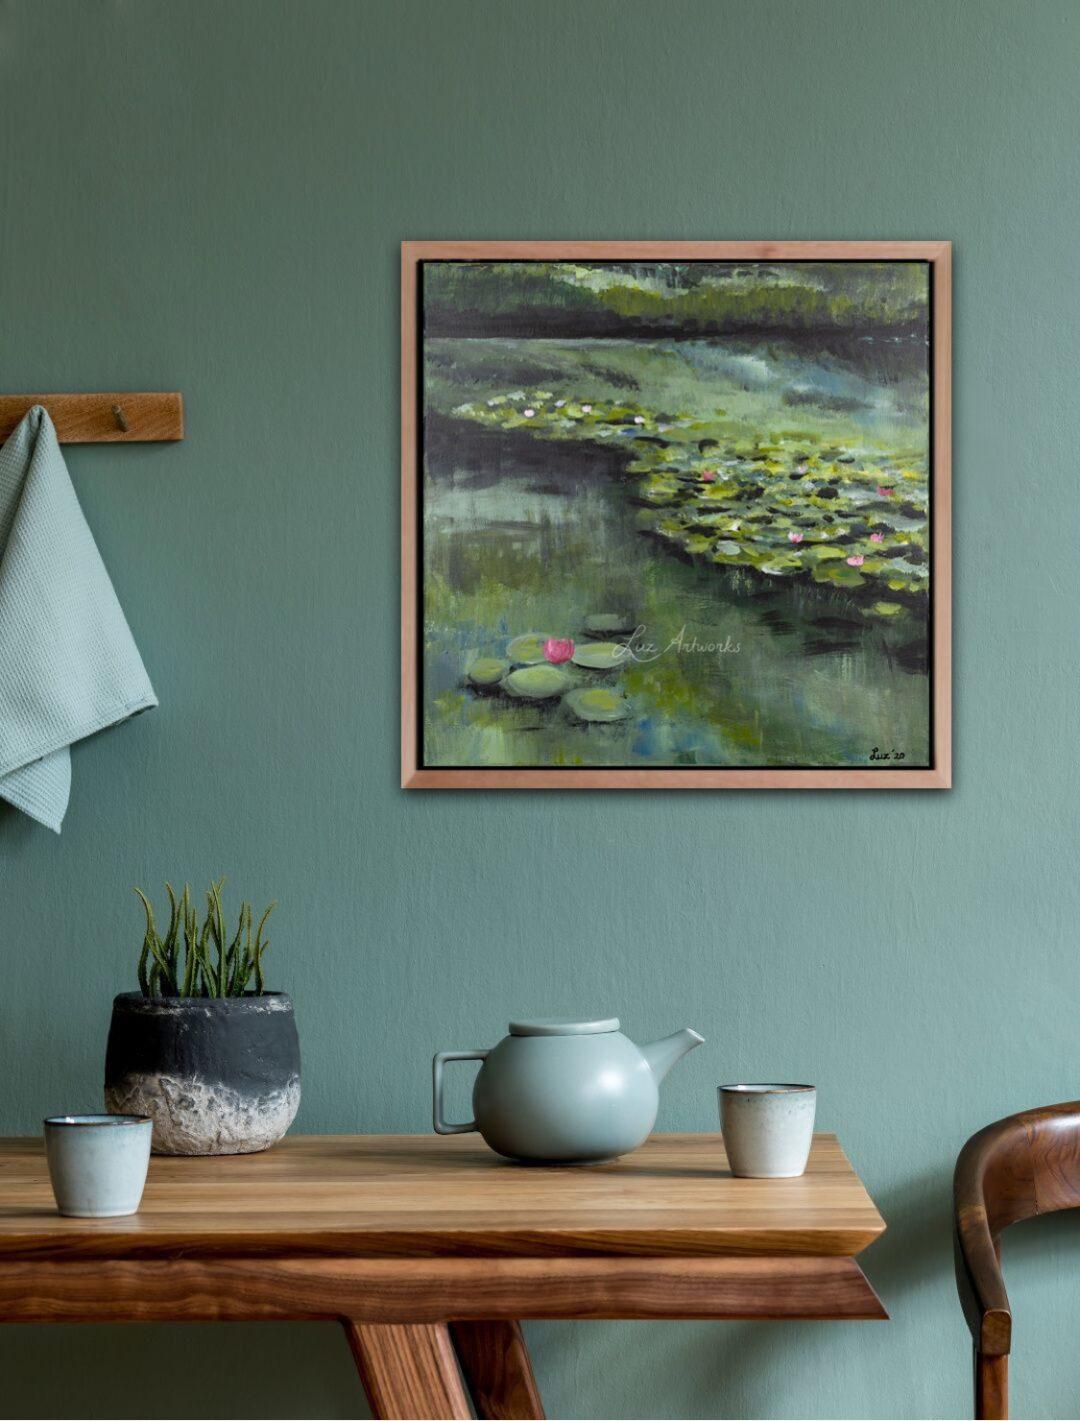 Deze afbeelding toont het schilderij \Waterlelies 2020' door Marloes Bloedjes.